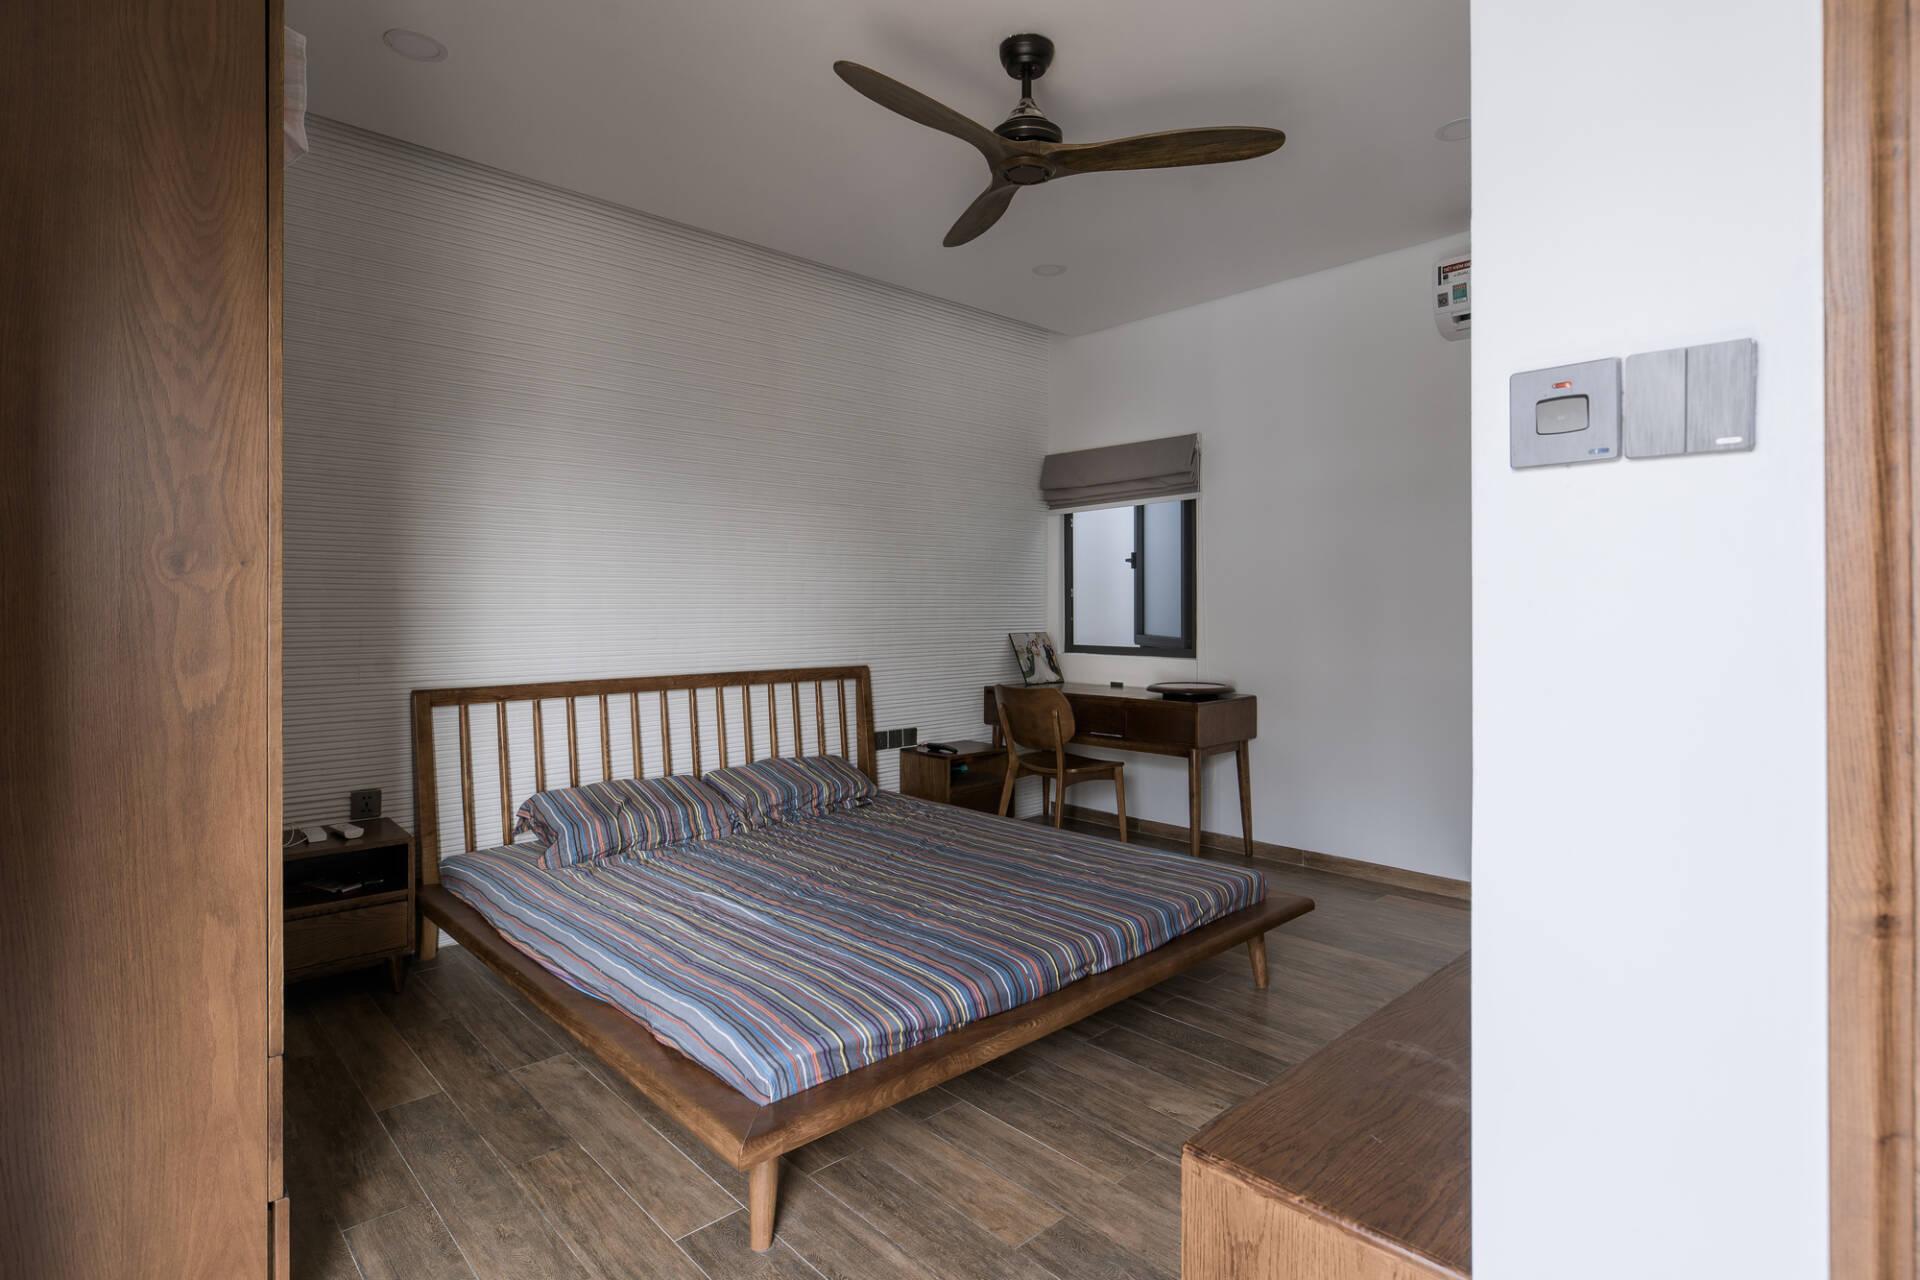 Với những phòng ngủ không có mặt thoáng hướng ra bên ngoài, KTS đã tận dụng khoảng giếng trời với ô cửa sổ nhỏ. Phòng không có nhiều đồ đạc và được sắp xếp gọn gàng